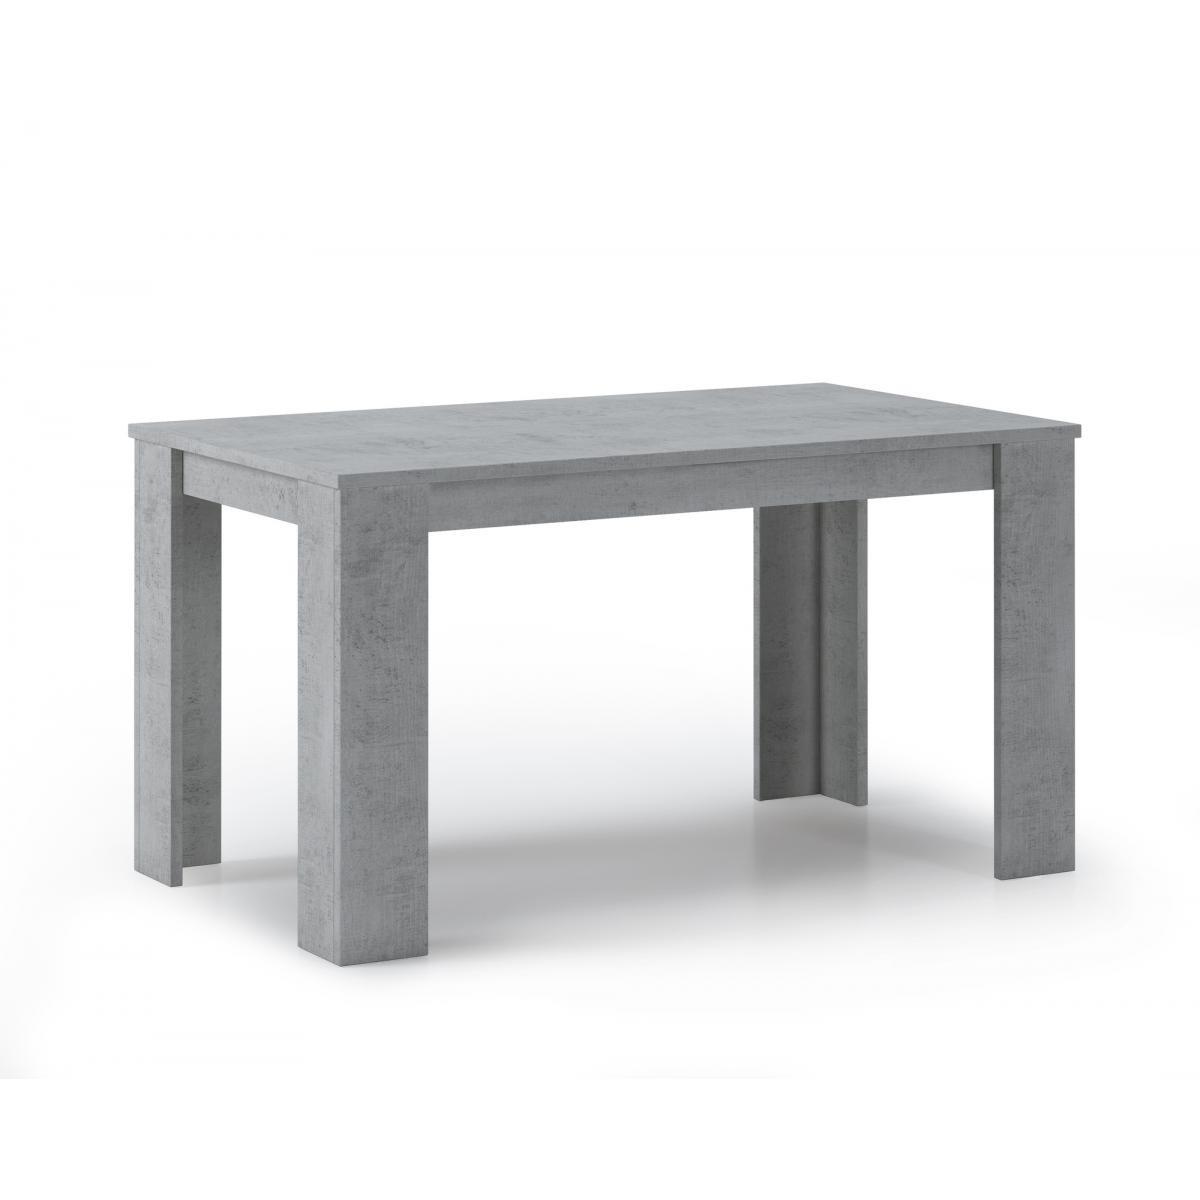 Comfort Table à manger WIND 140 cm, couleur CIMENT, 80x138x75cm